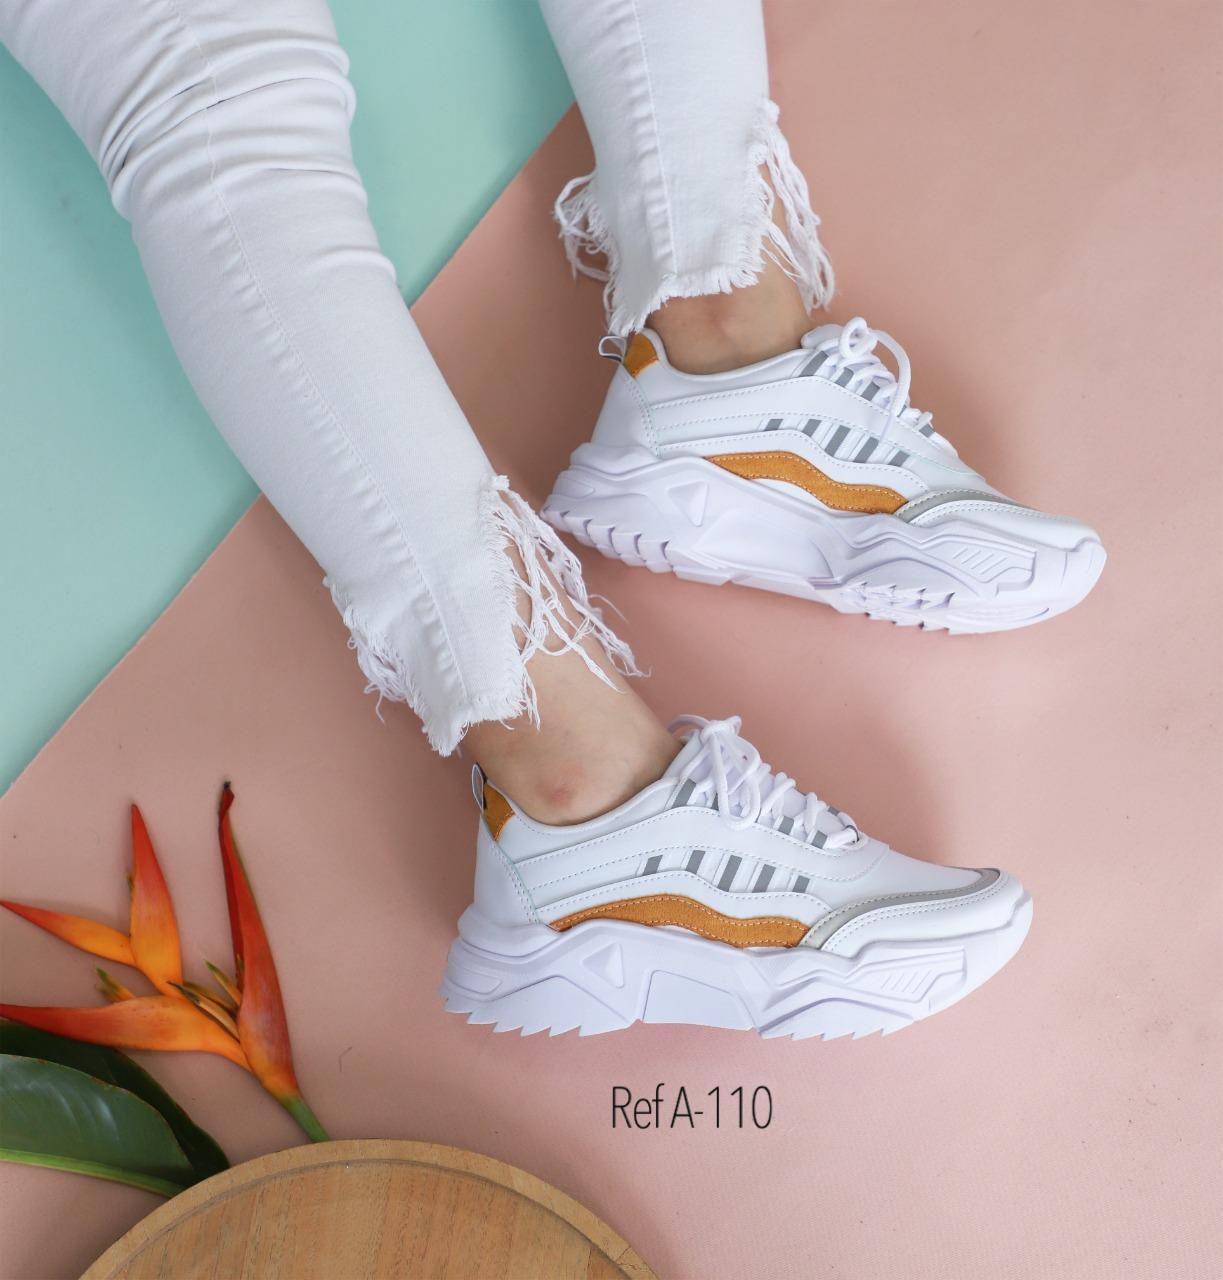 RefA-110 Blanco-Naranja